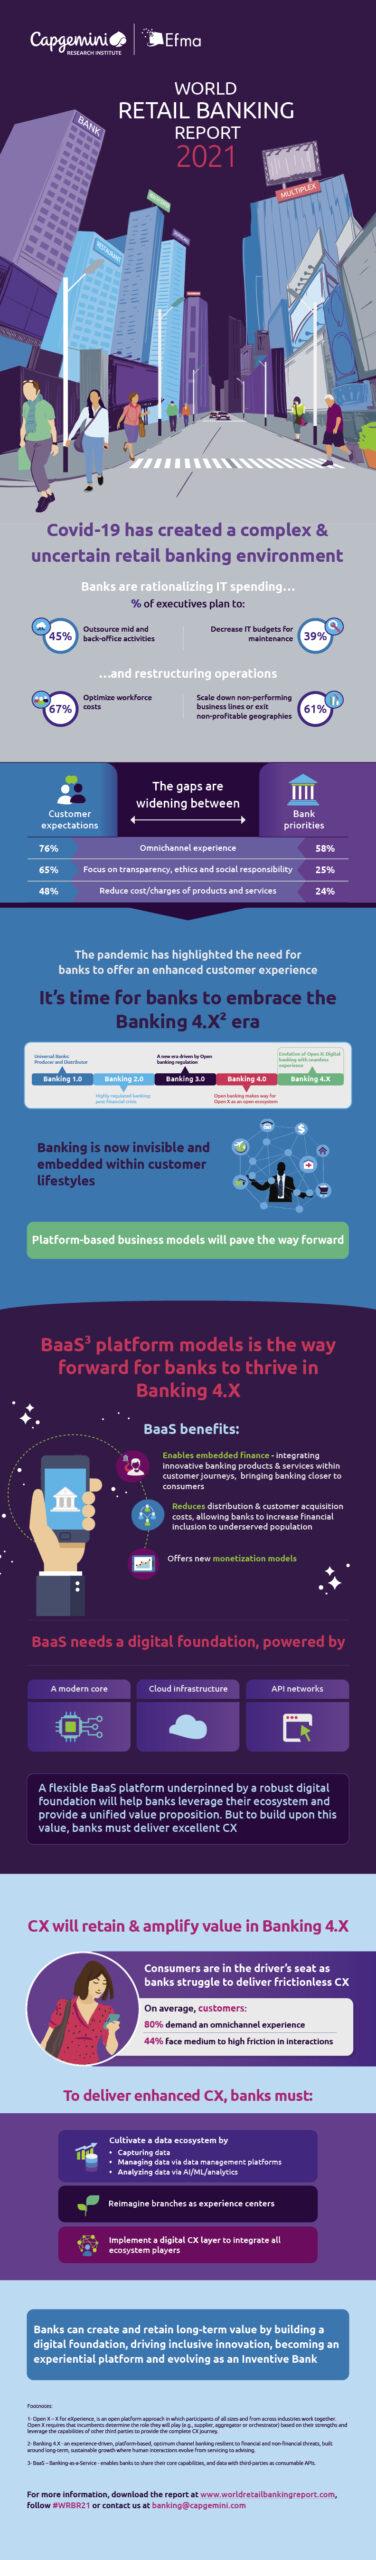 Capgemini- 2021 World Retail Banking Report Infographic